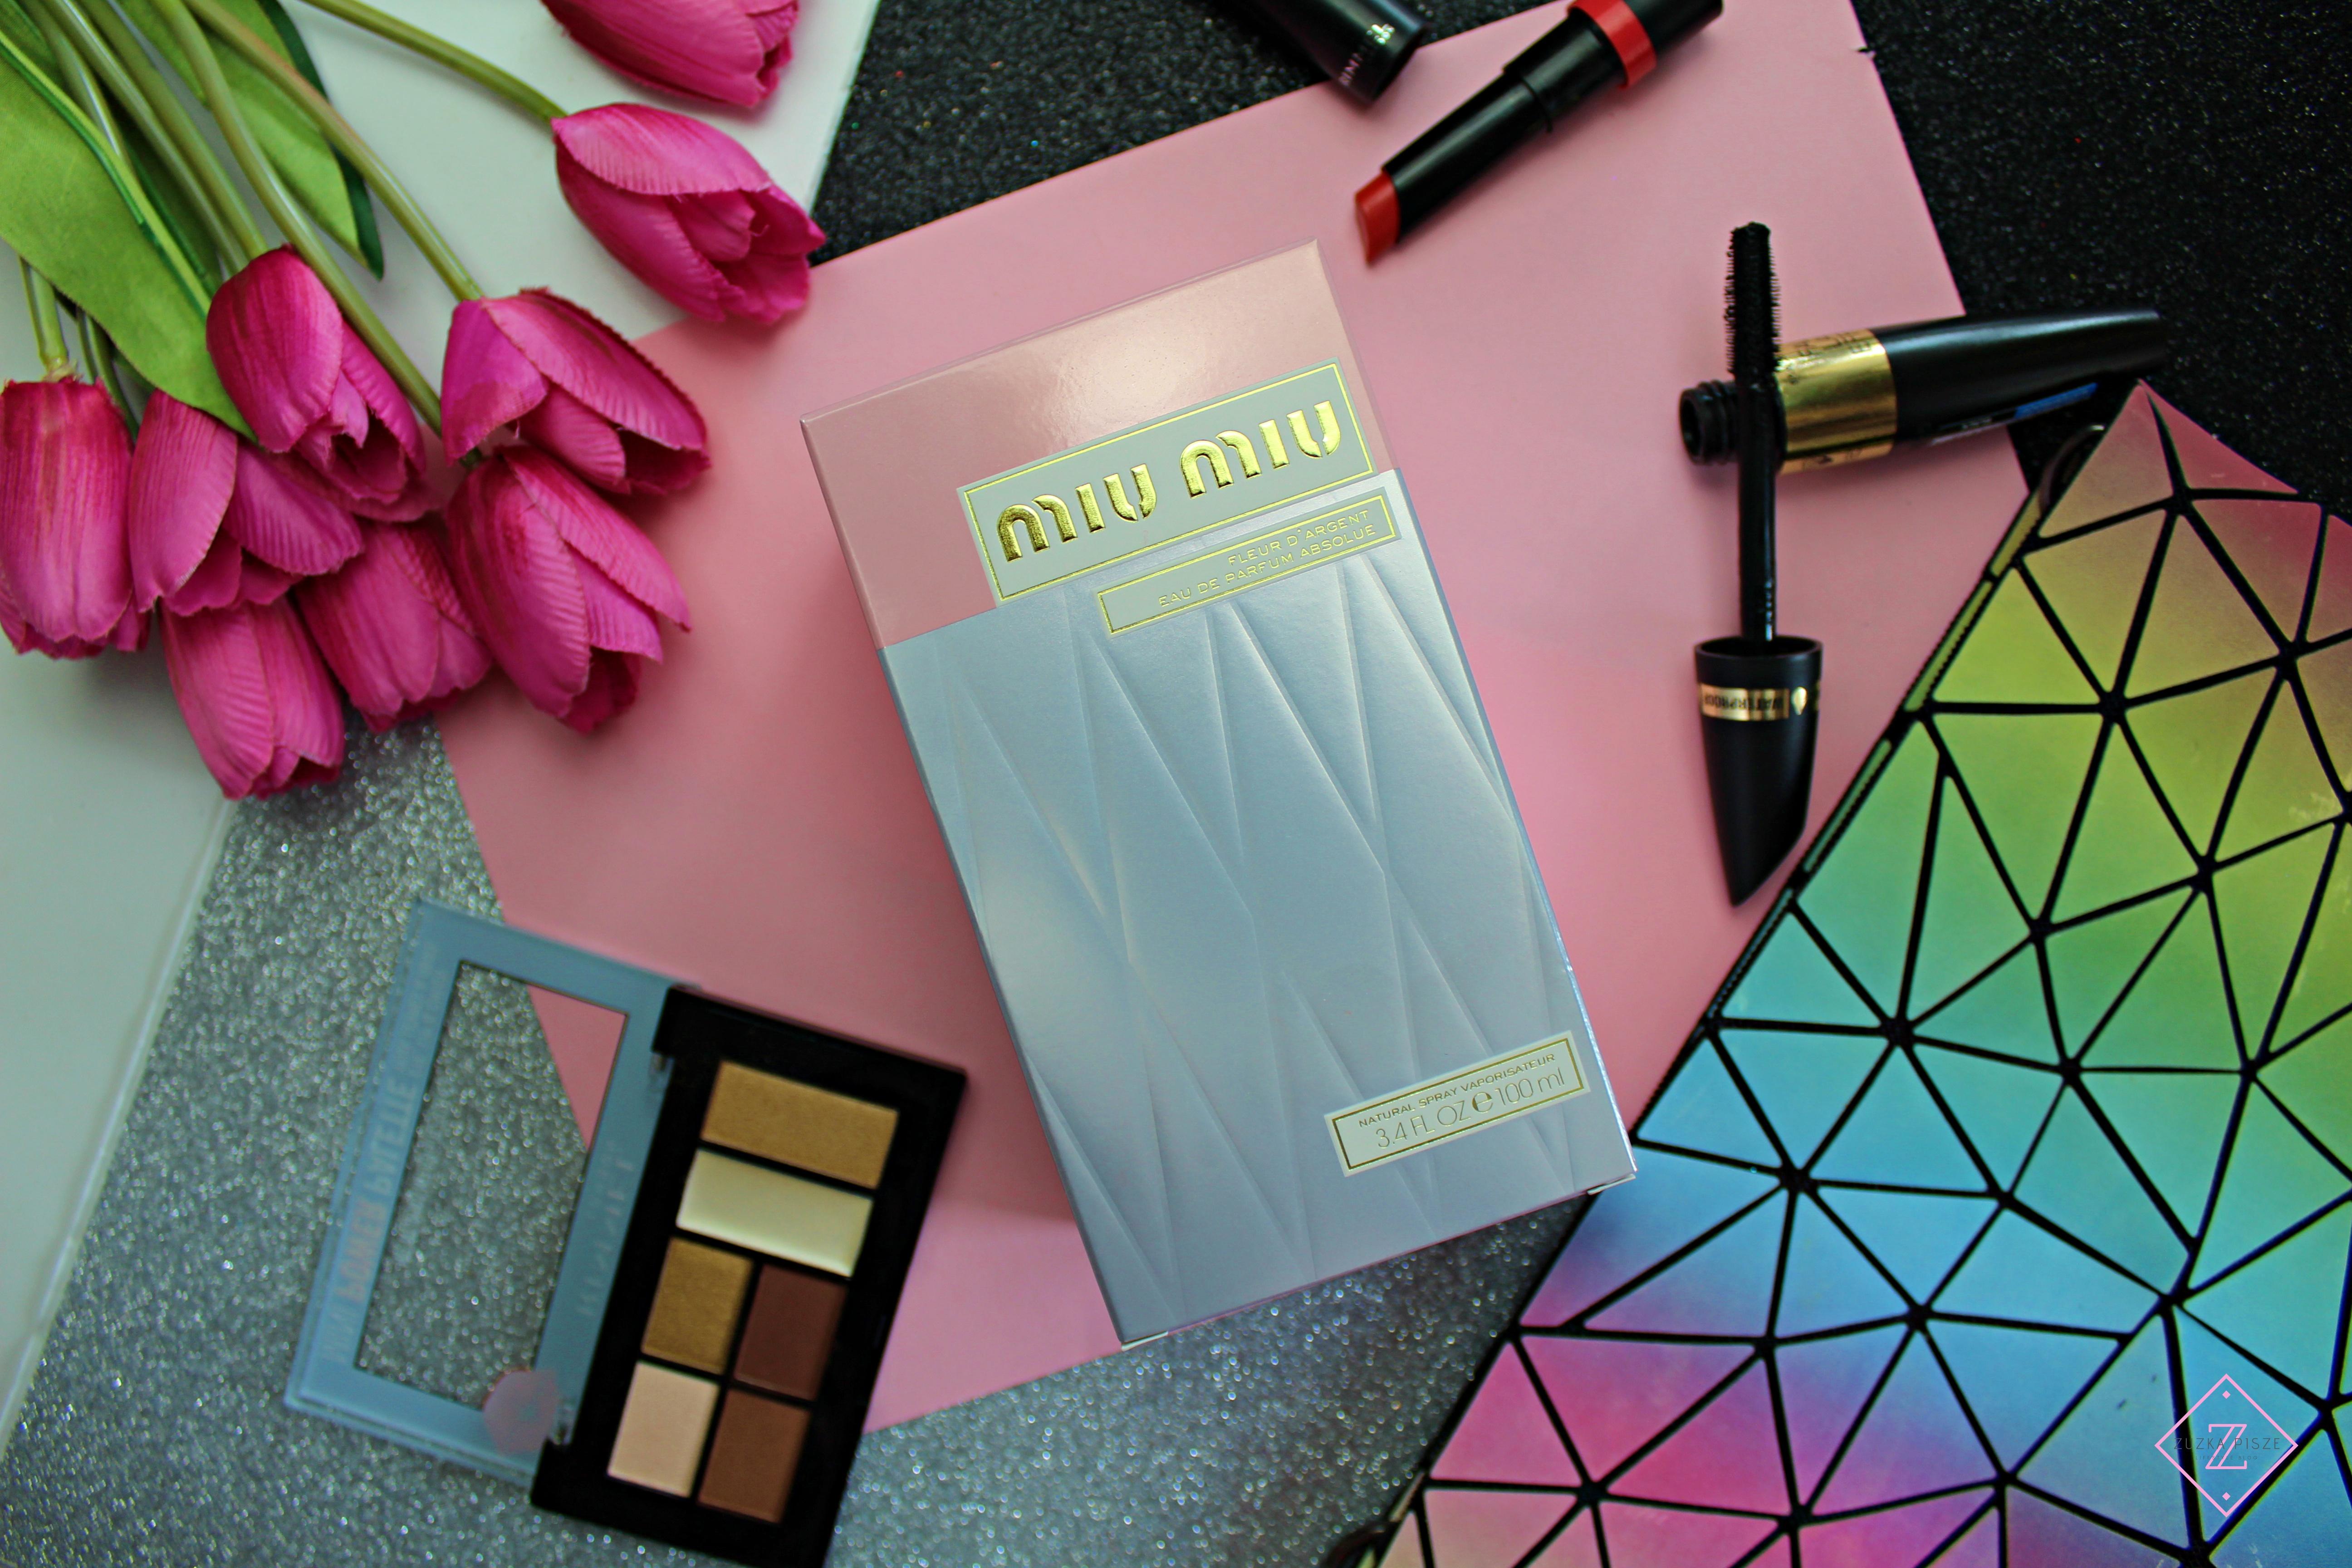 Miu Miu Fleur d'Argent - woda perfumowana dla kobiet | Zuzka Pisze - strona typowo kobieca - porady, recenzje, wskazówki